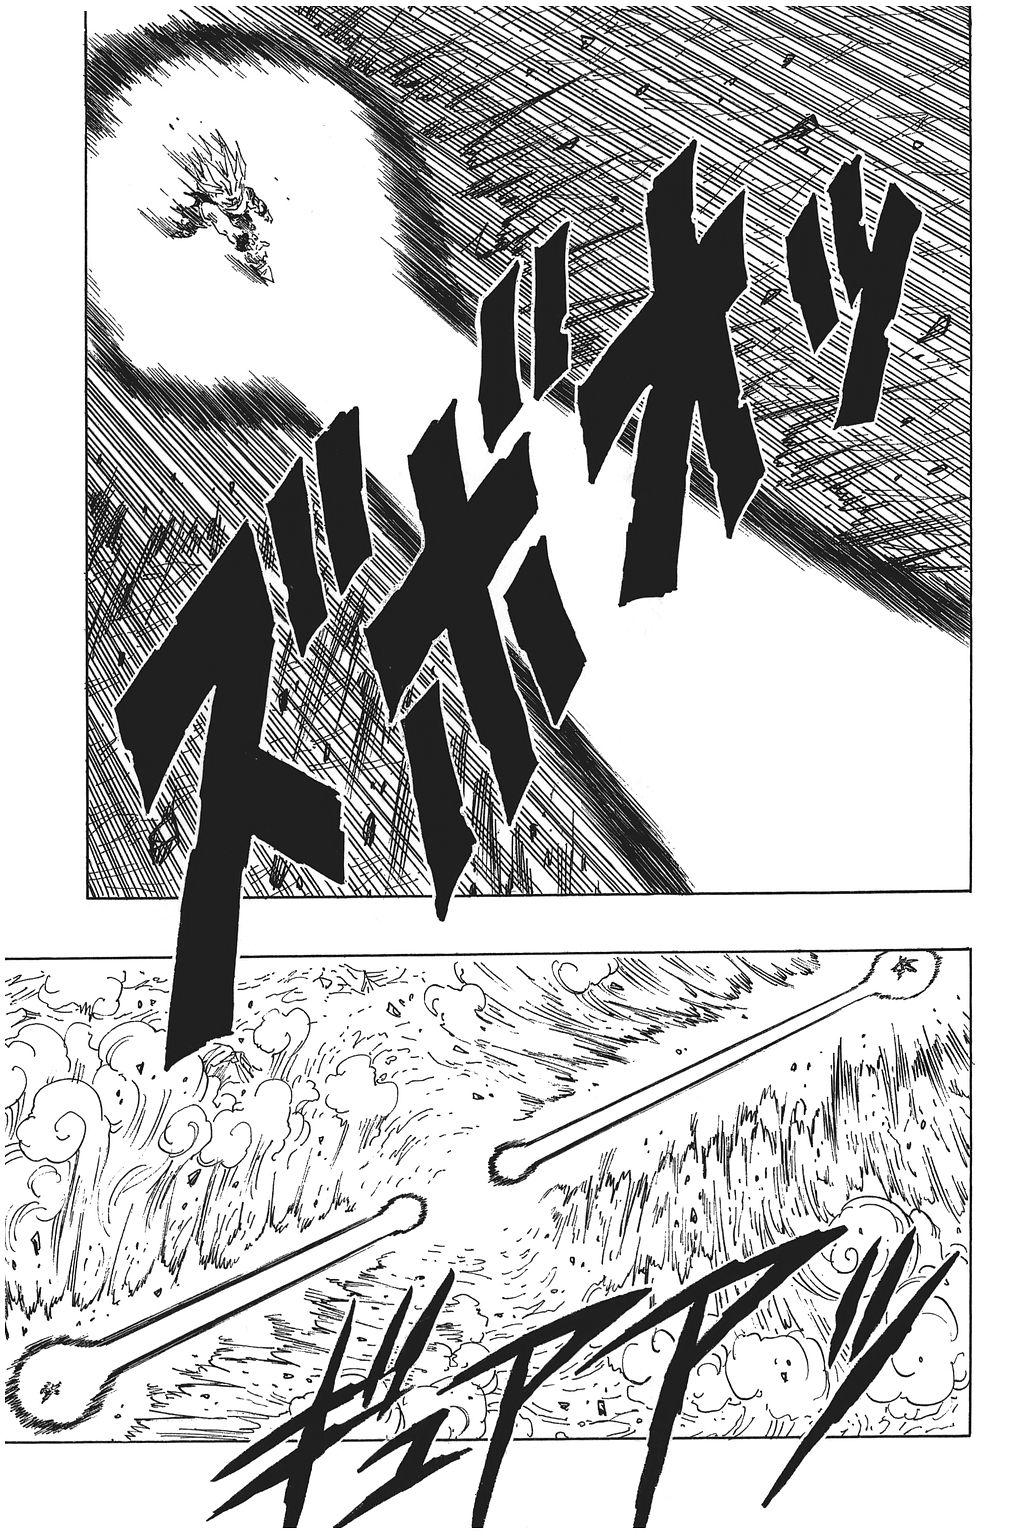 xem truyen moi - Dragon Ball Bản Vip - Bản Đẹp Nguyên Gốc Chap 416